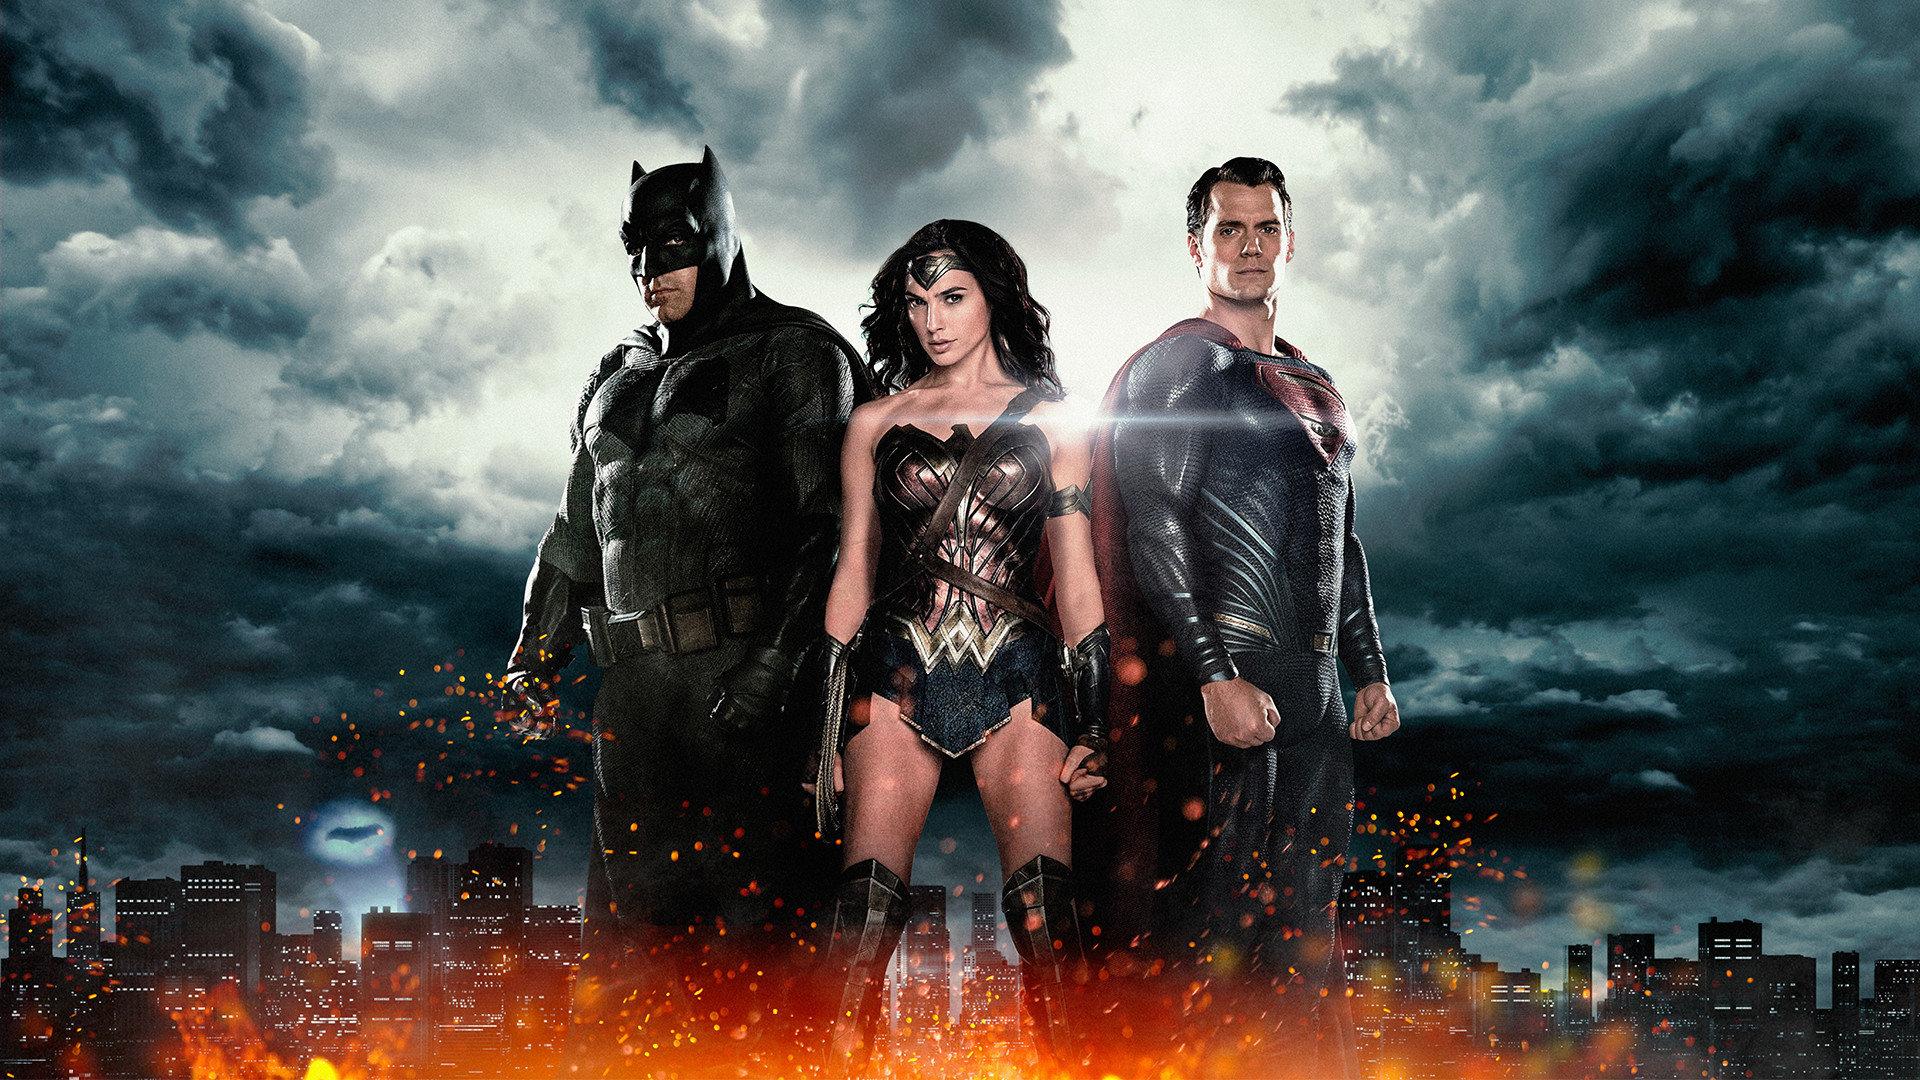 Free Download Batman V Superman - Batman Vs Superman Png - HD Wallpaper